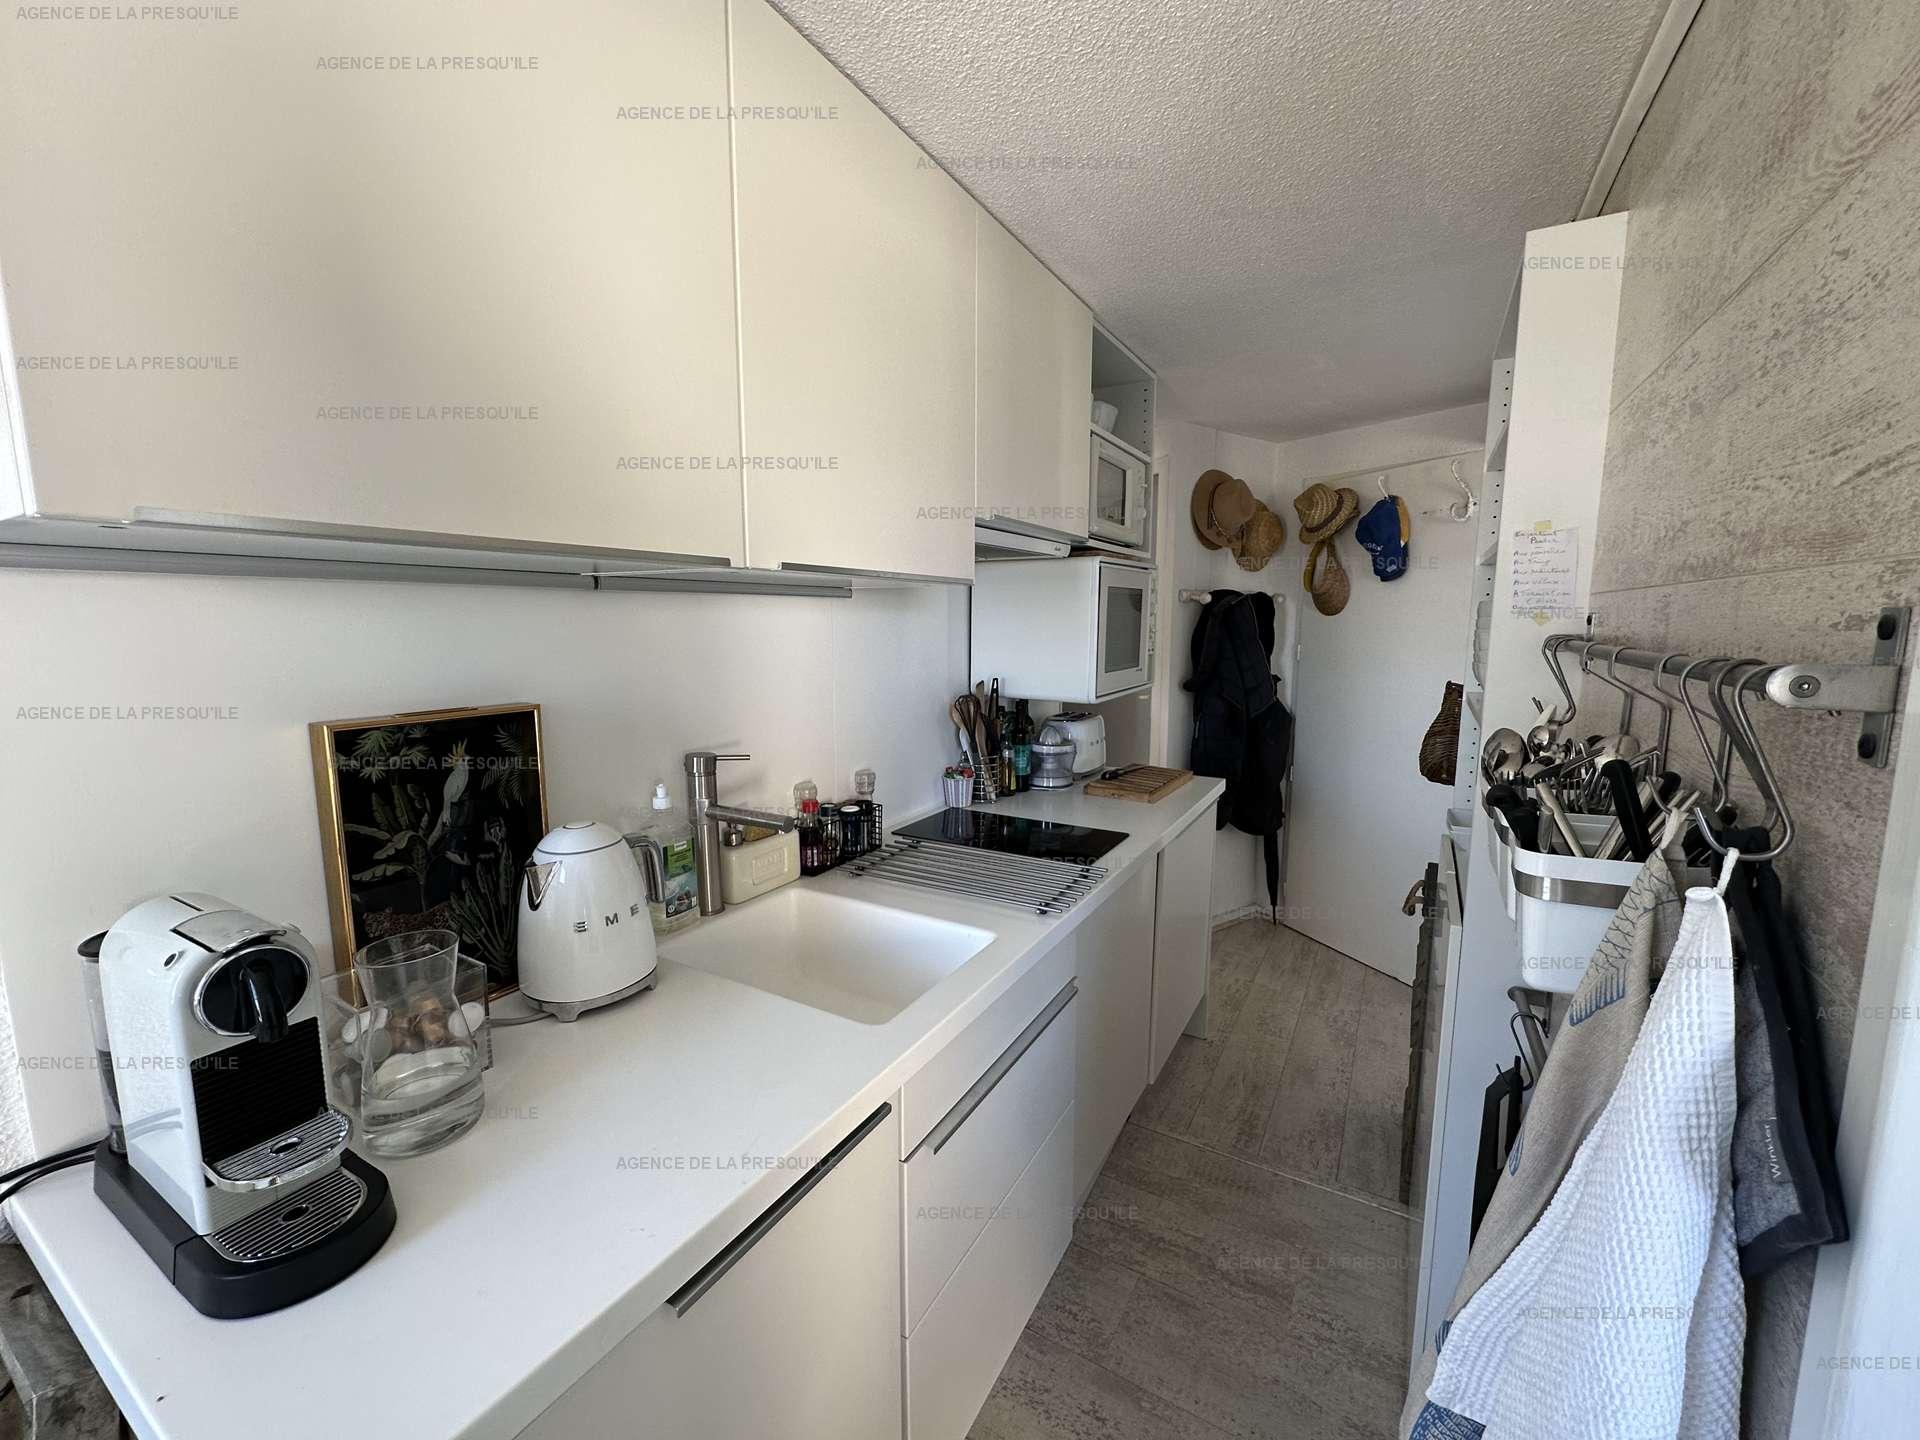 Location: Très bel appartement avec vue bassin 5